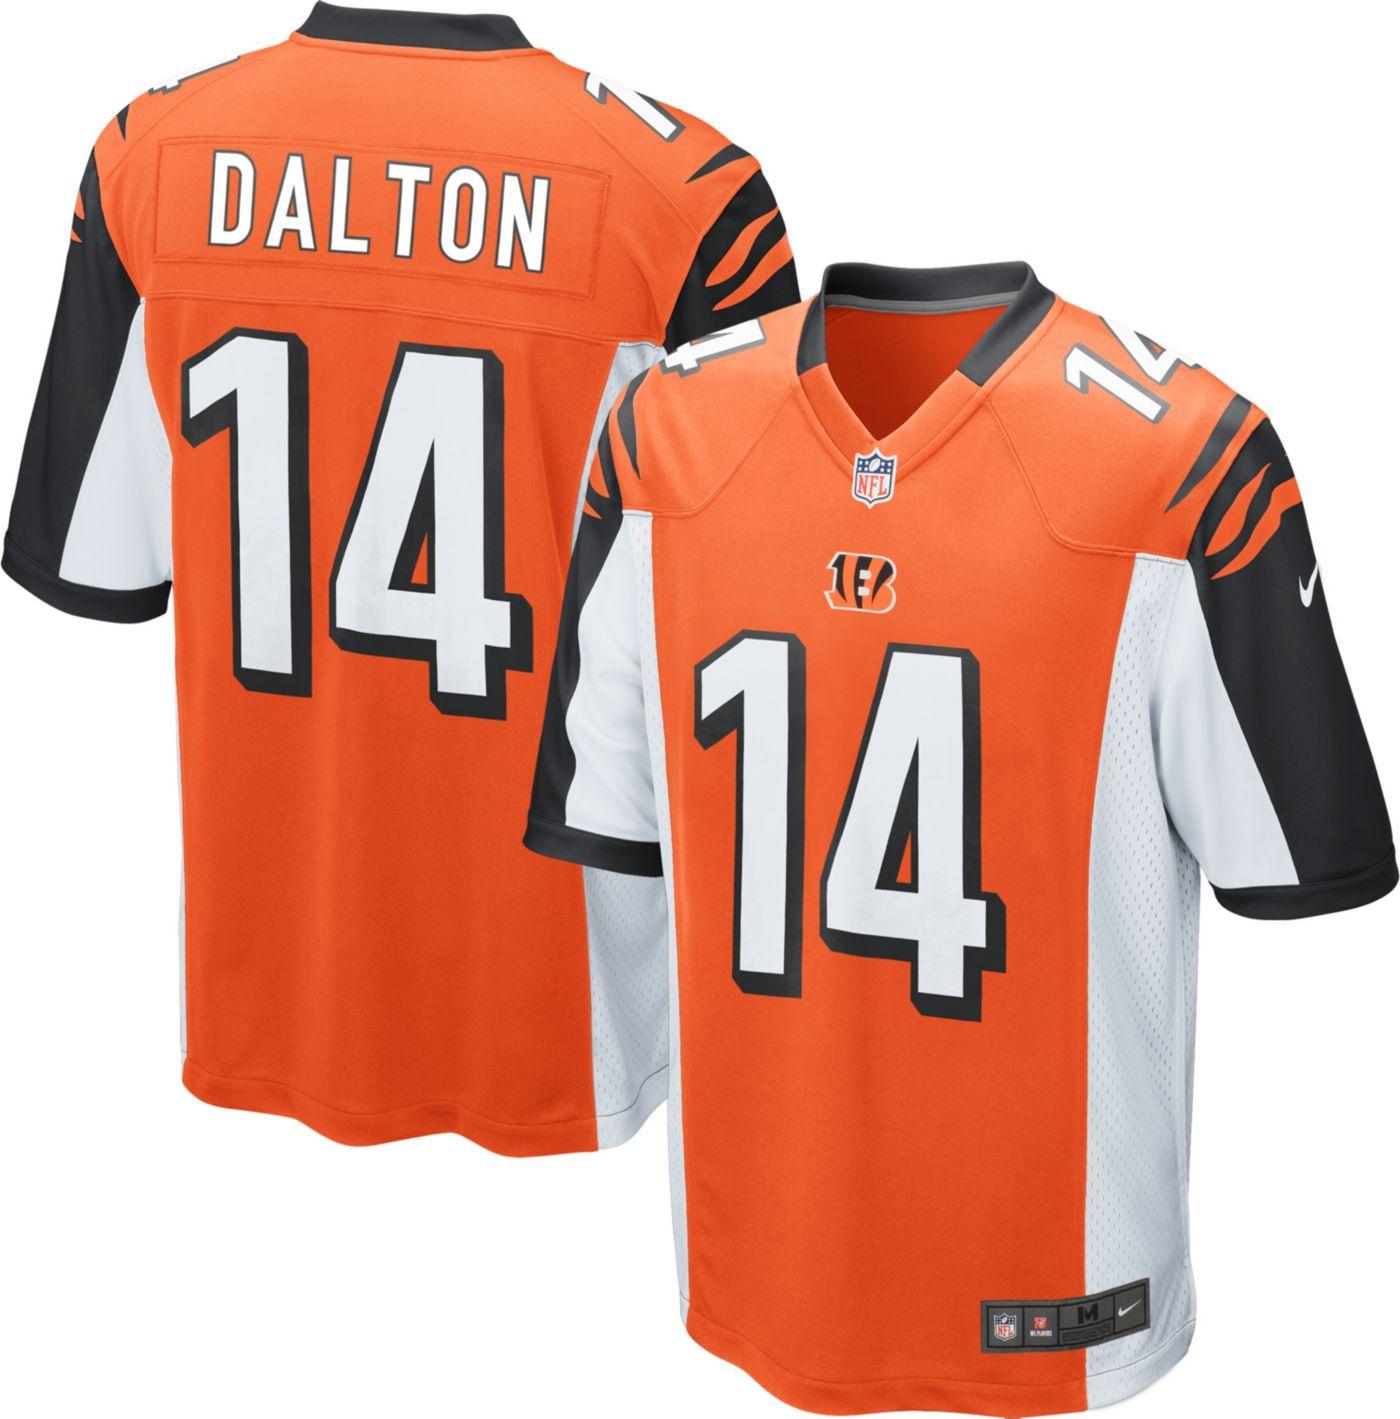 Nike Men's Alternate Game Jersey Cincinnati Bengals Andy Dalton #14